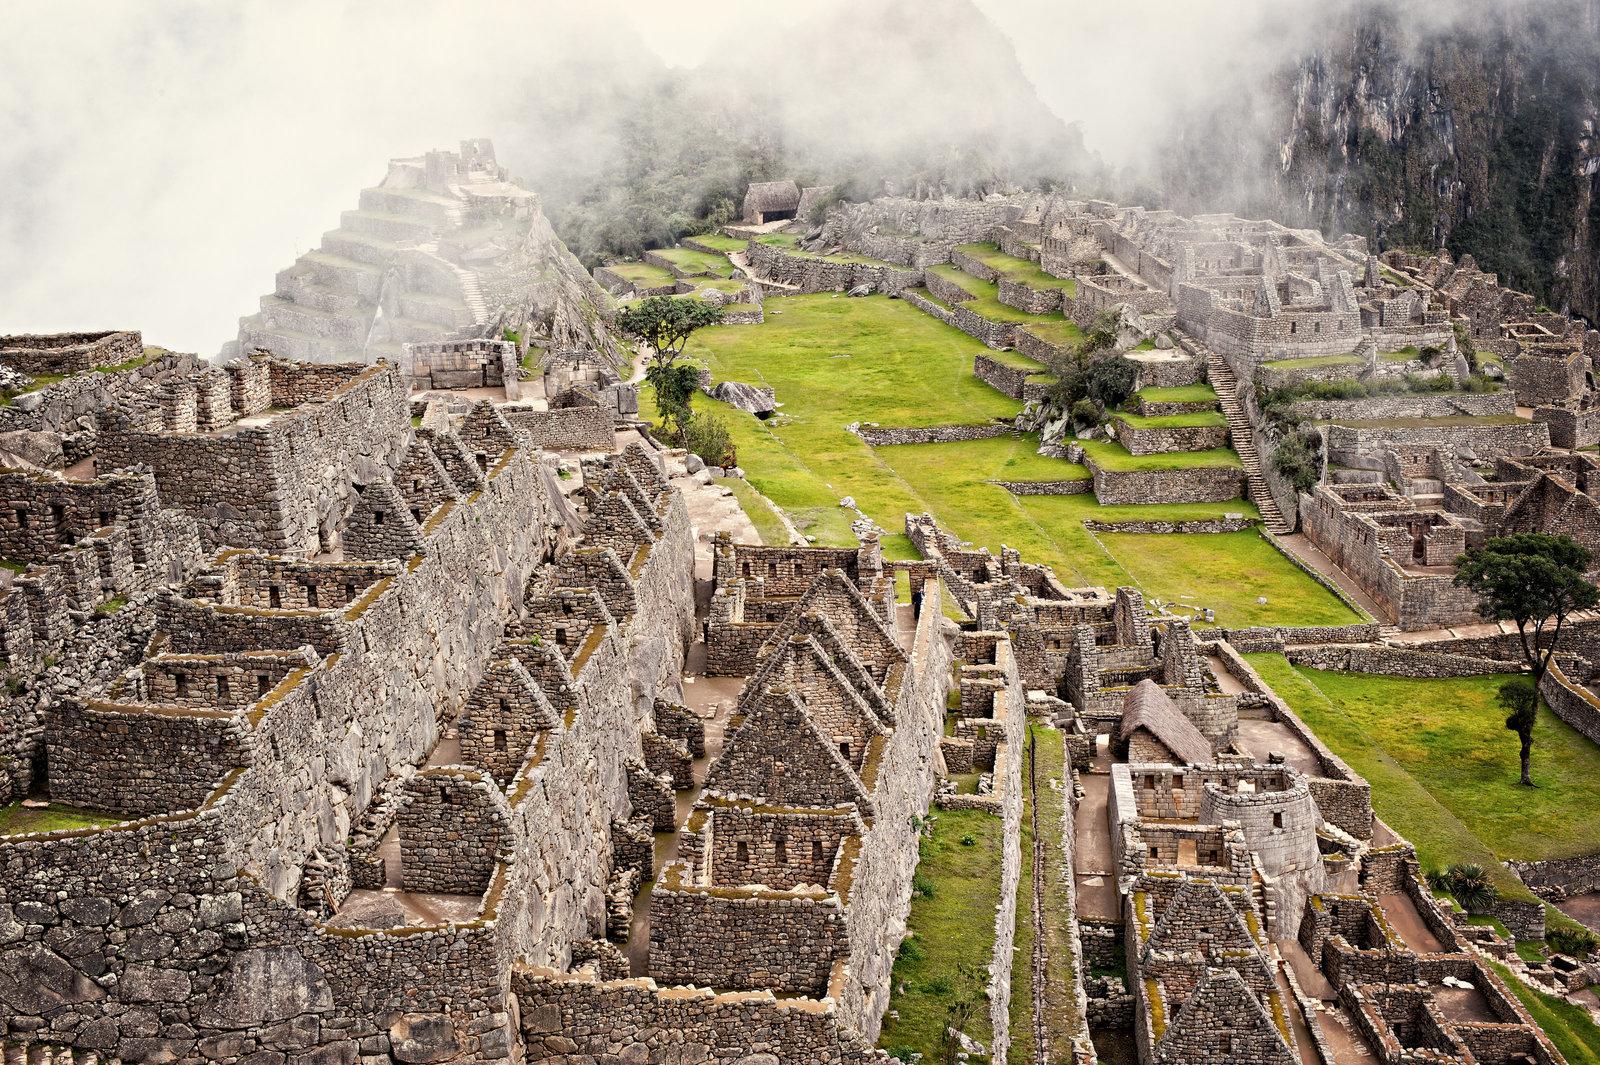 2012_11_20_Machu_Picchu_Ruins_Peru_FINAL_10